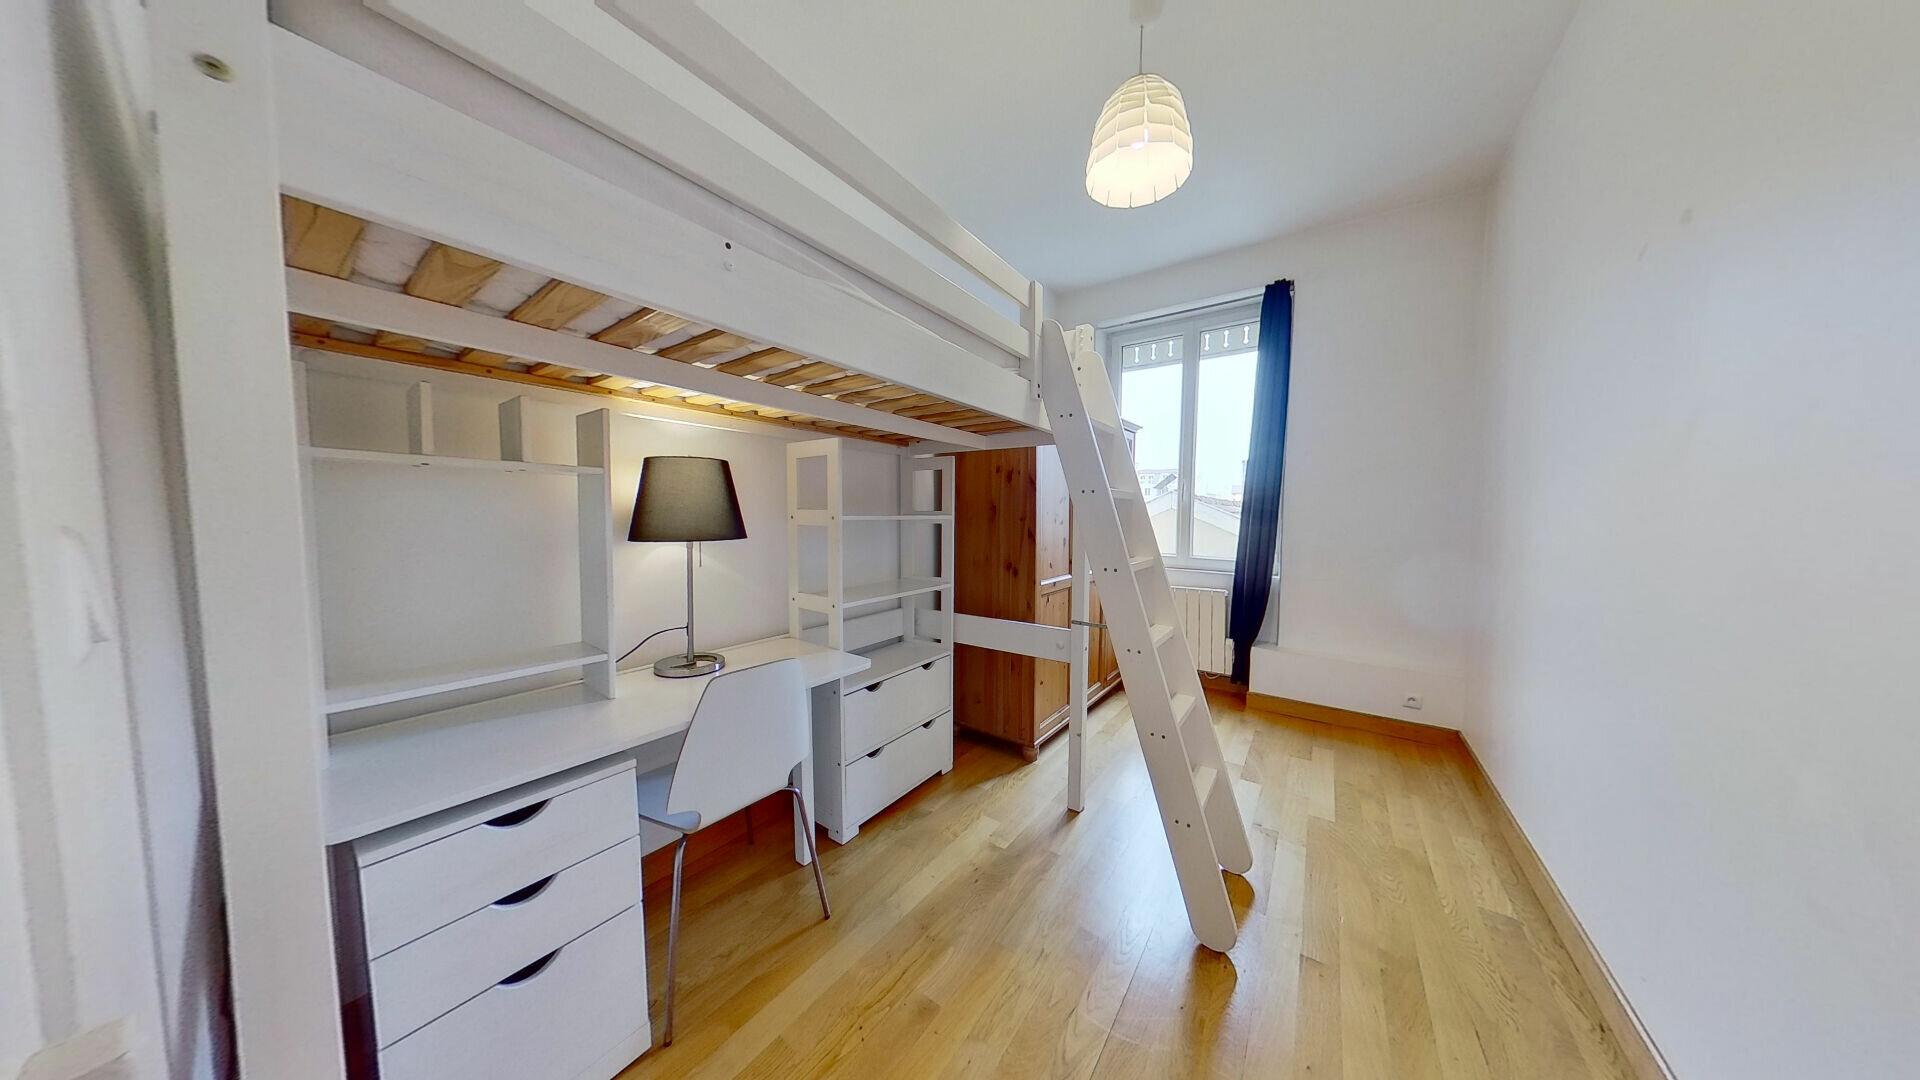 Appartement à louer 3 58m2 à Lyon 6 vignette-5